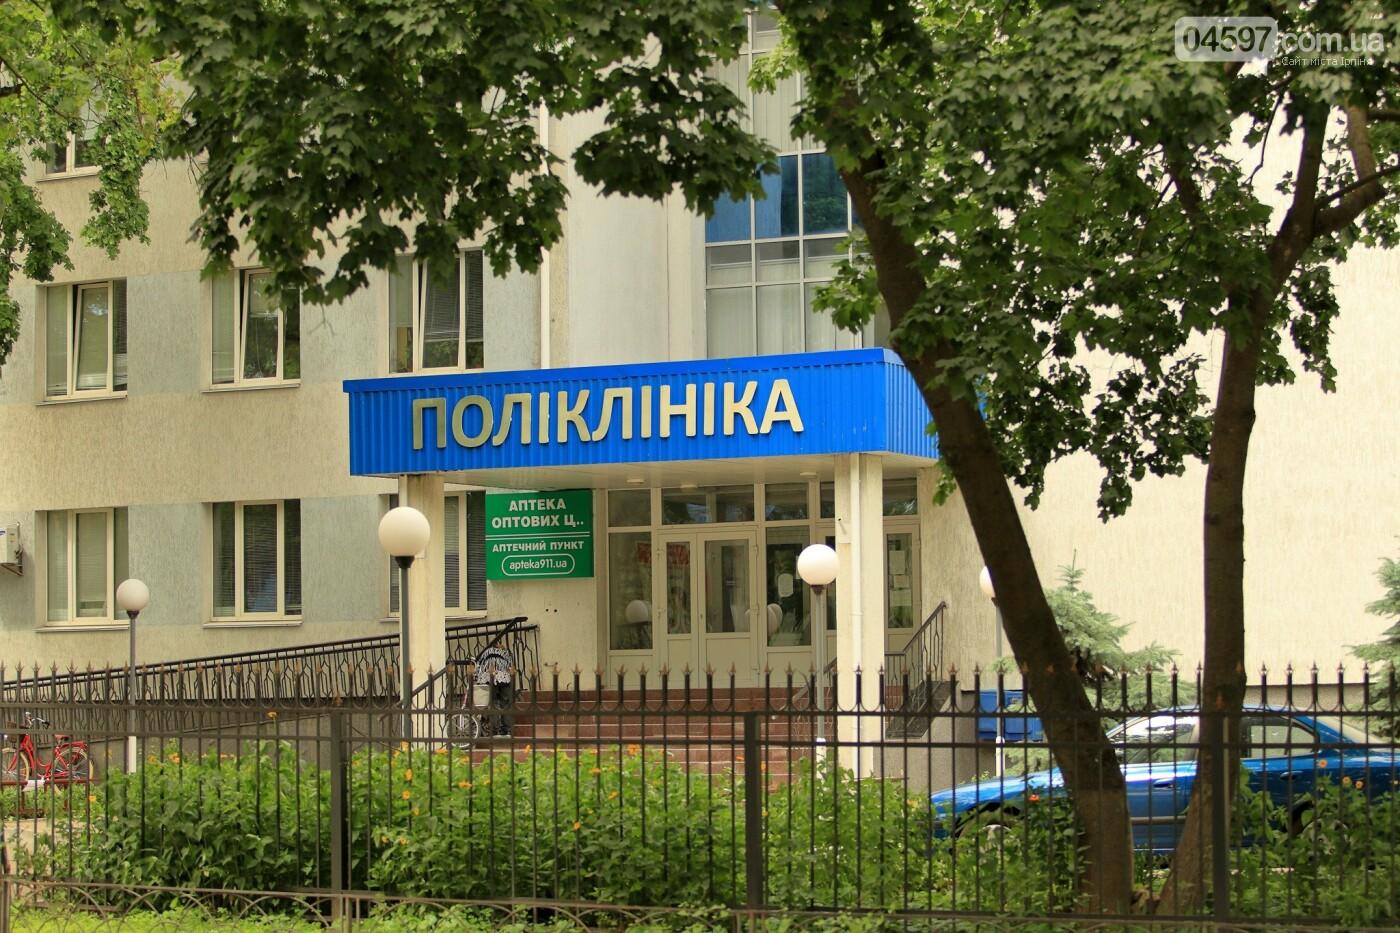 Довгопол: медицина Приірпіння буде найкращою в Україні, фото-3